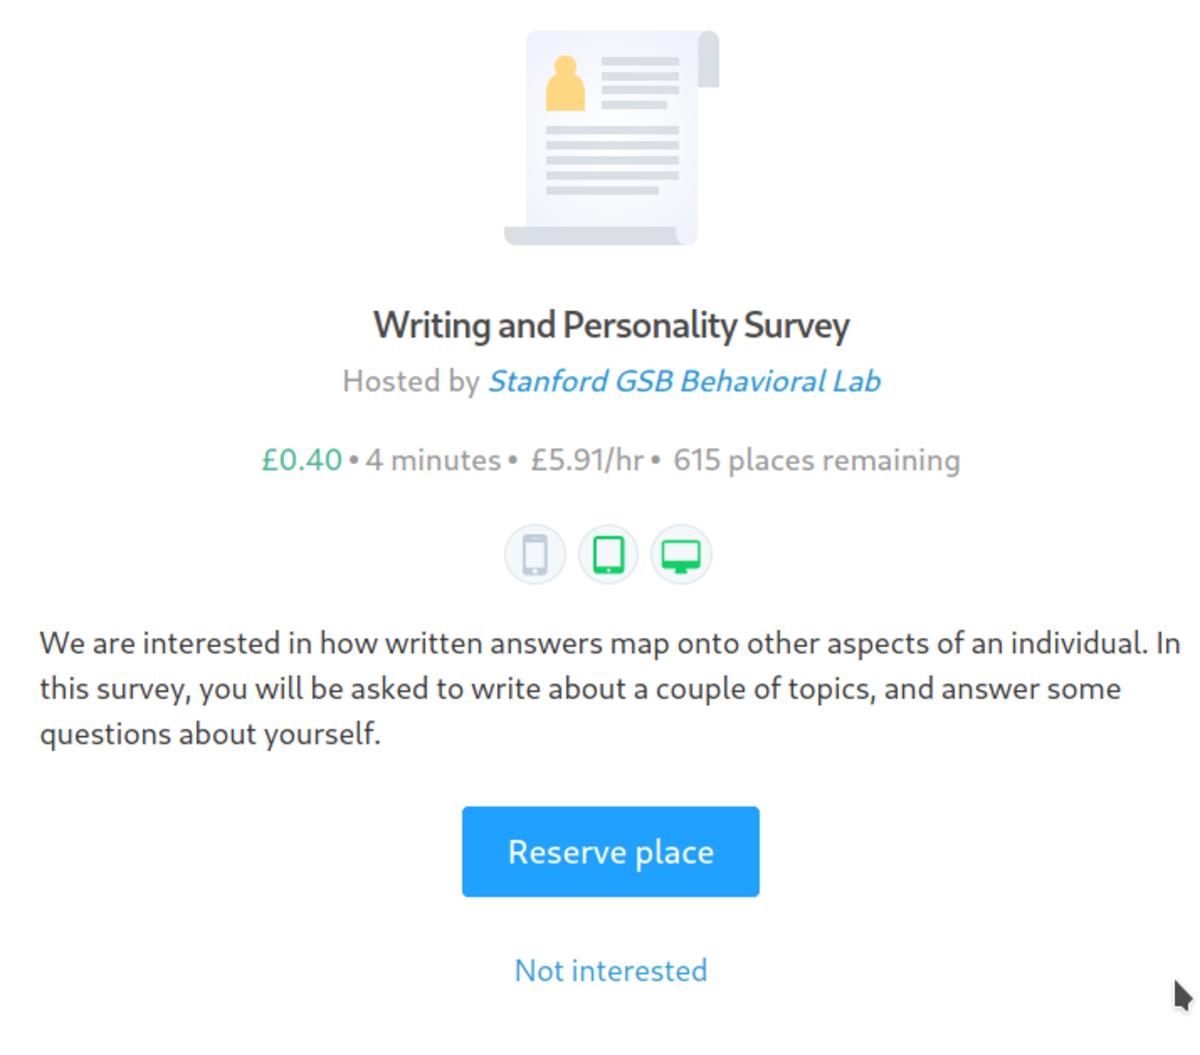 A survey description.